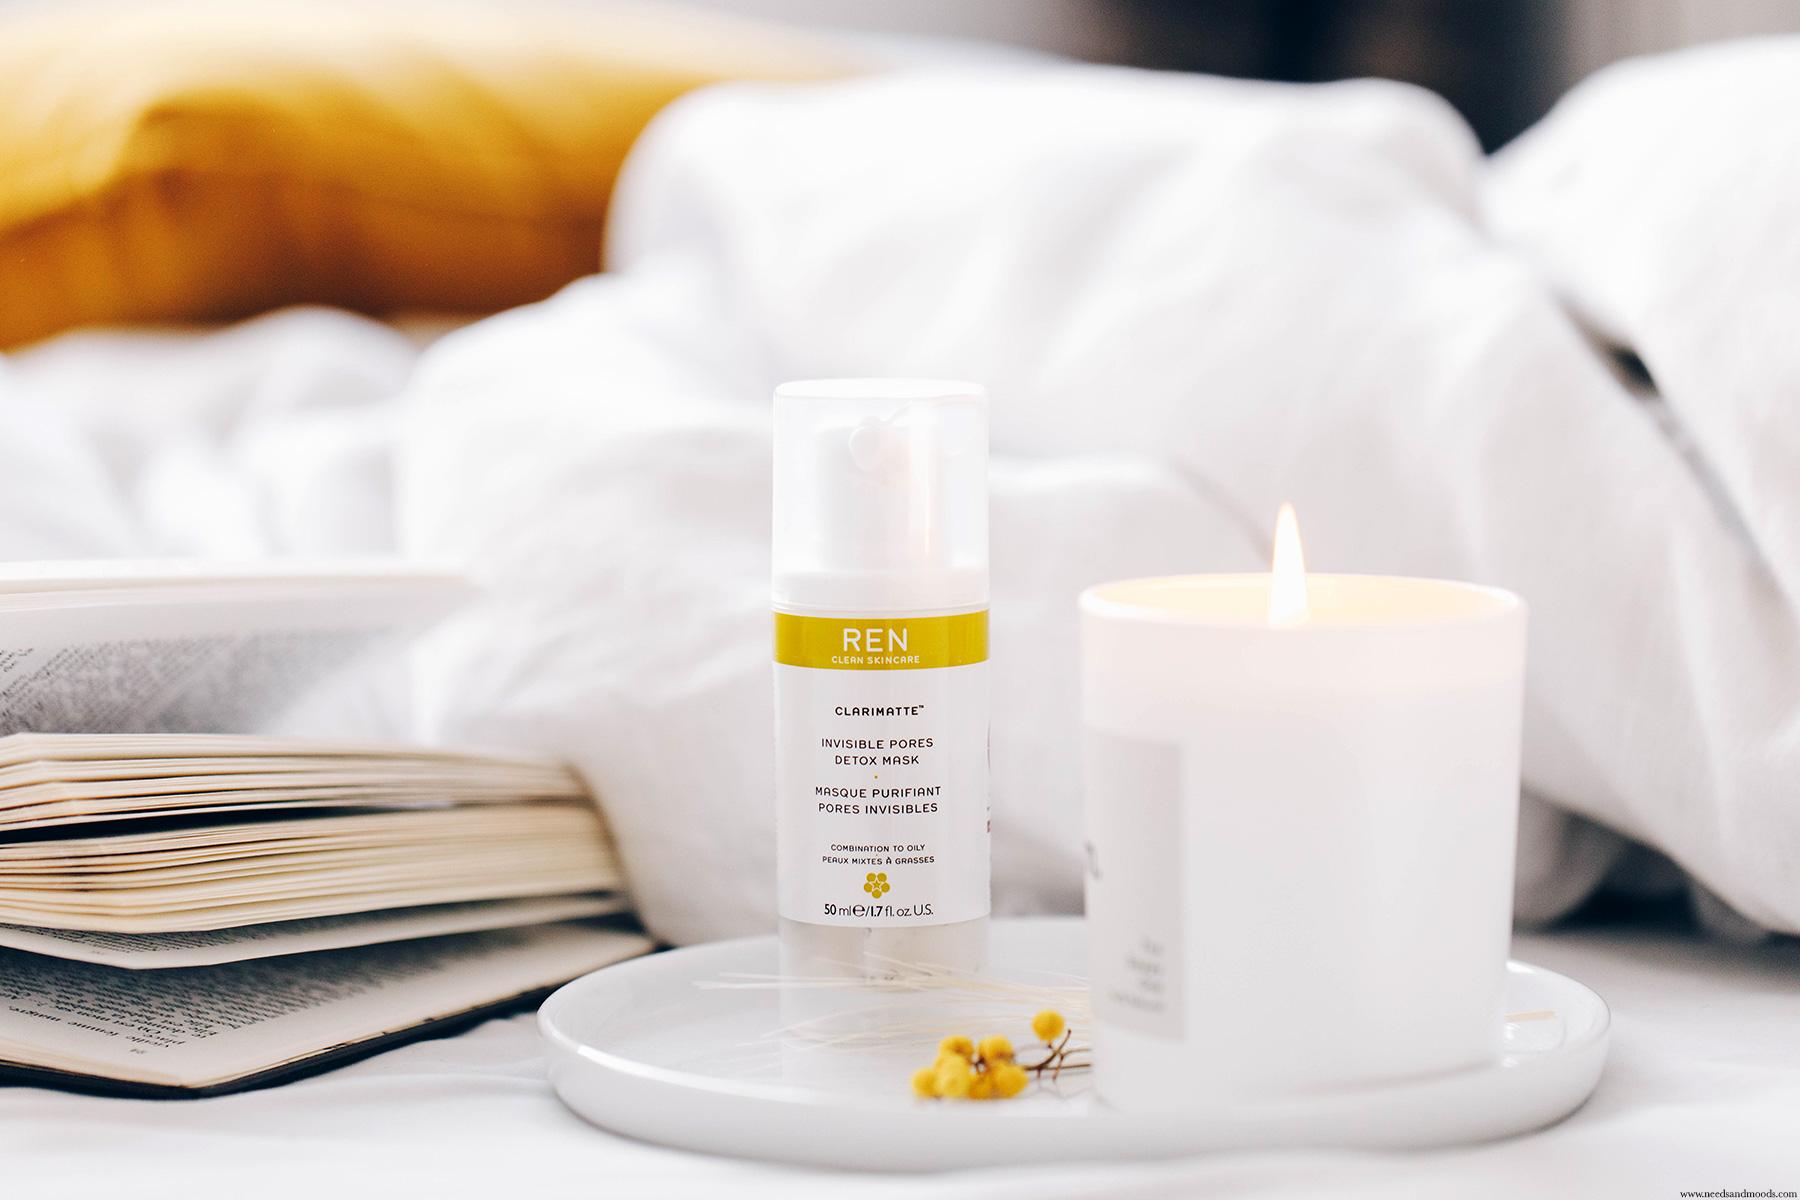 ren clean skincare loox